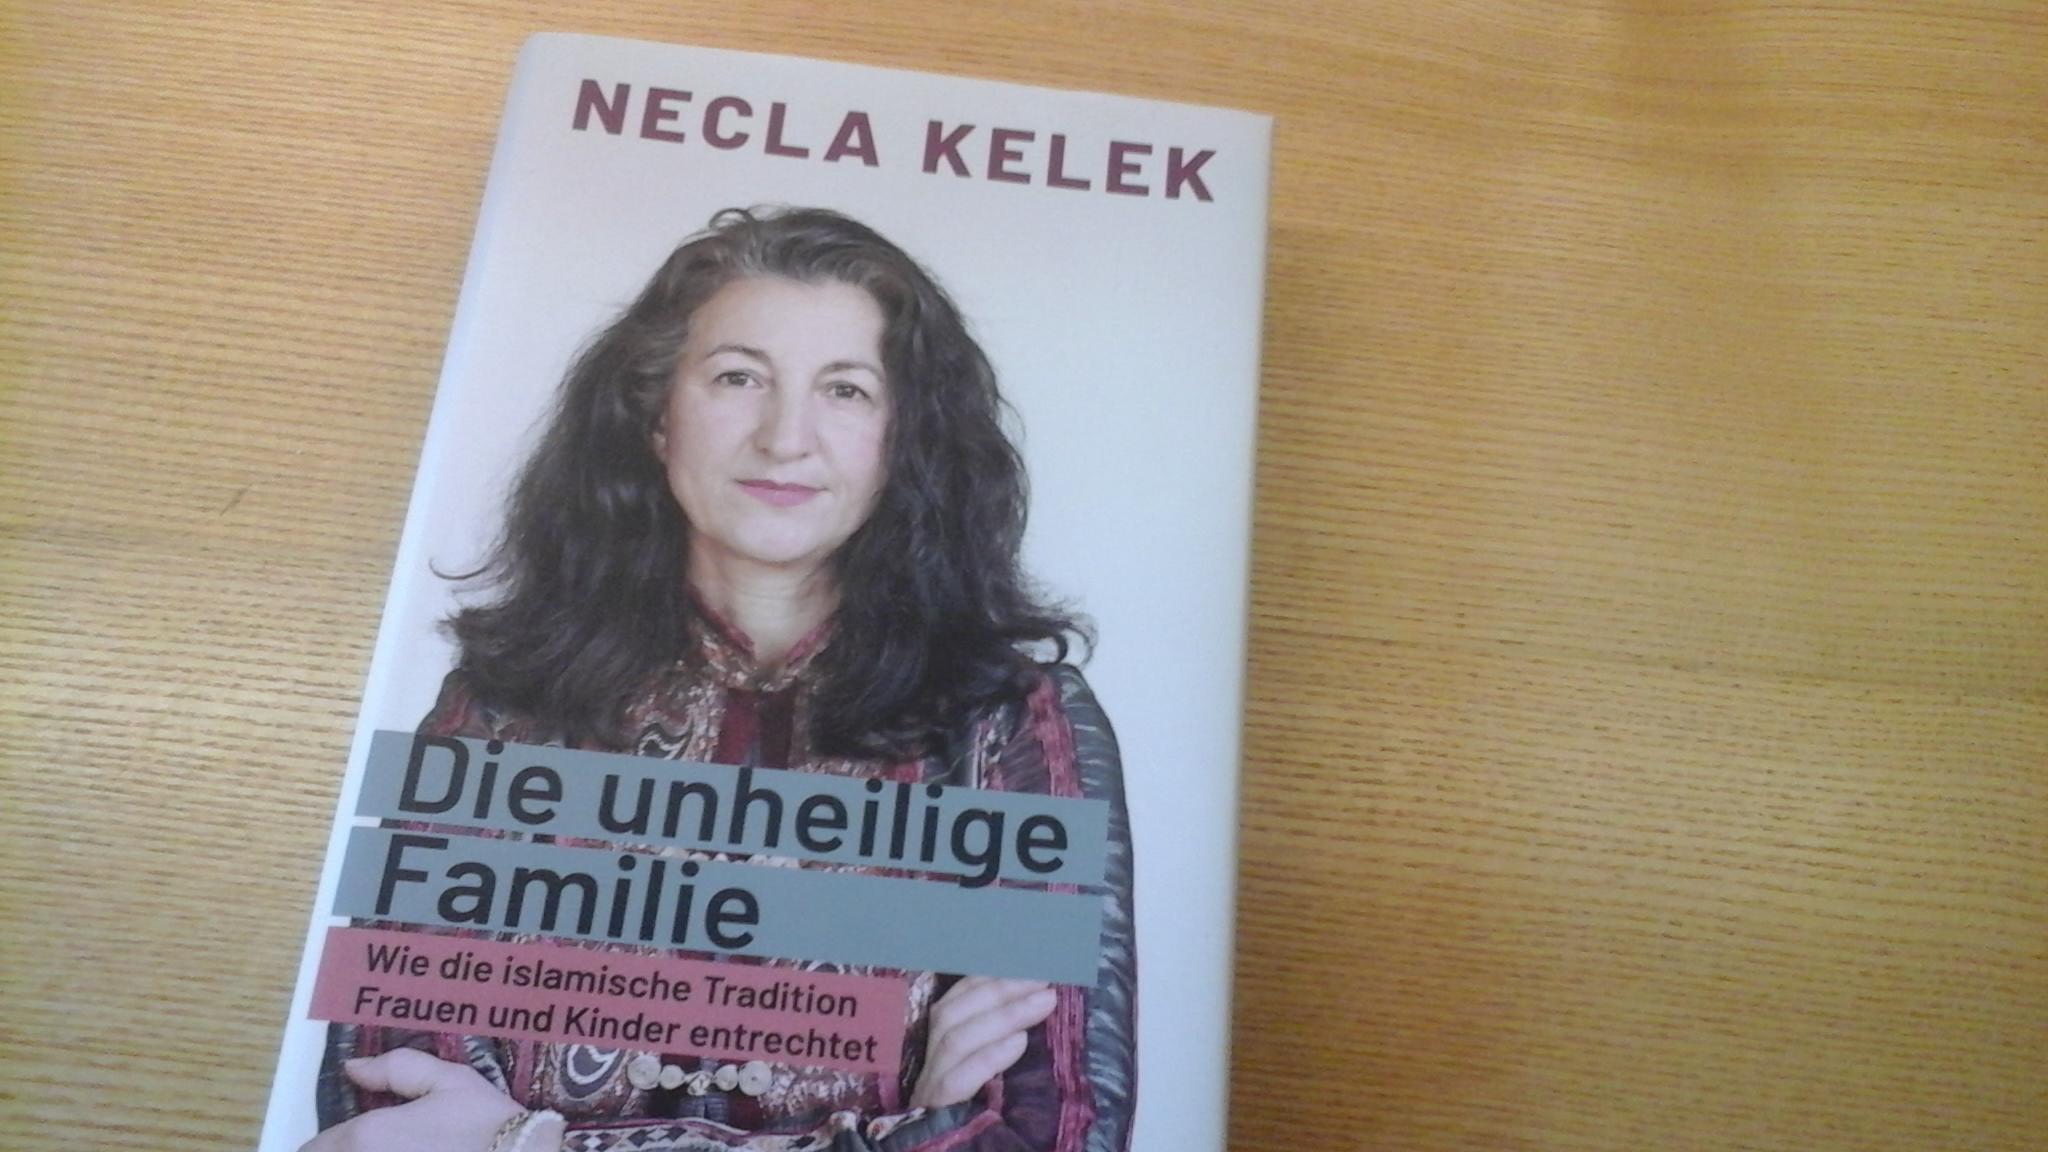 Necla Kelek die unheilige Famili tauschen